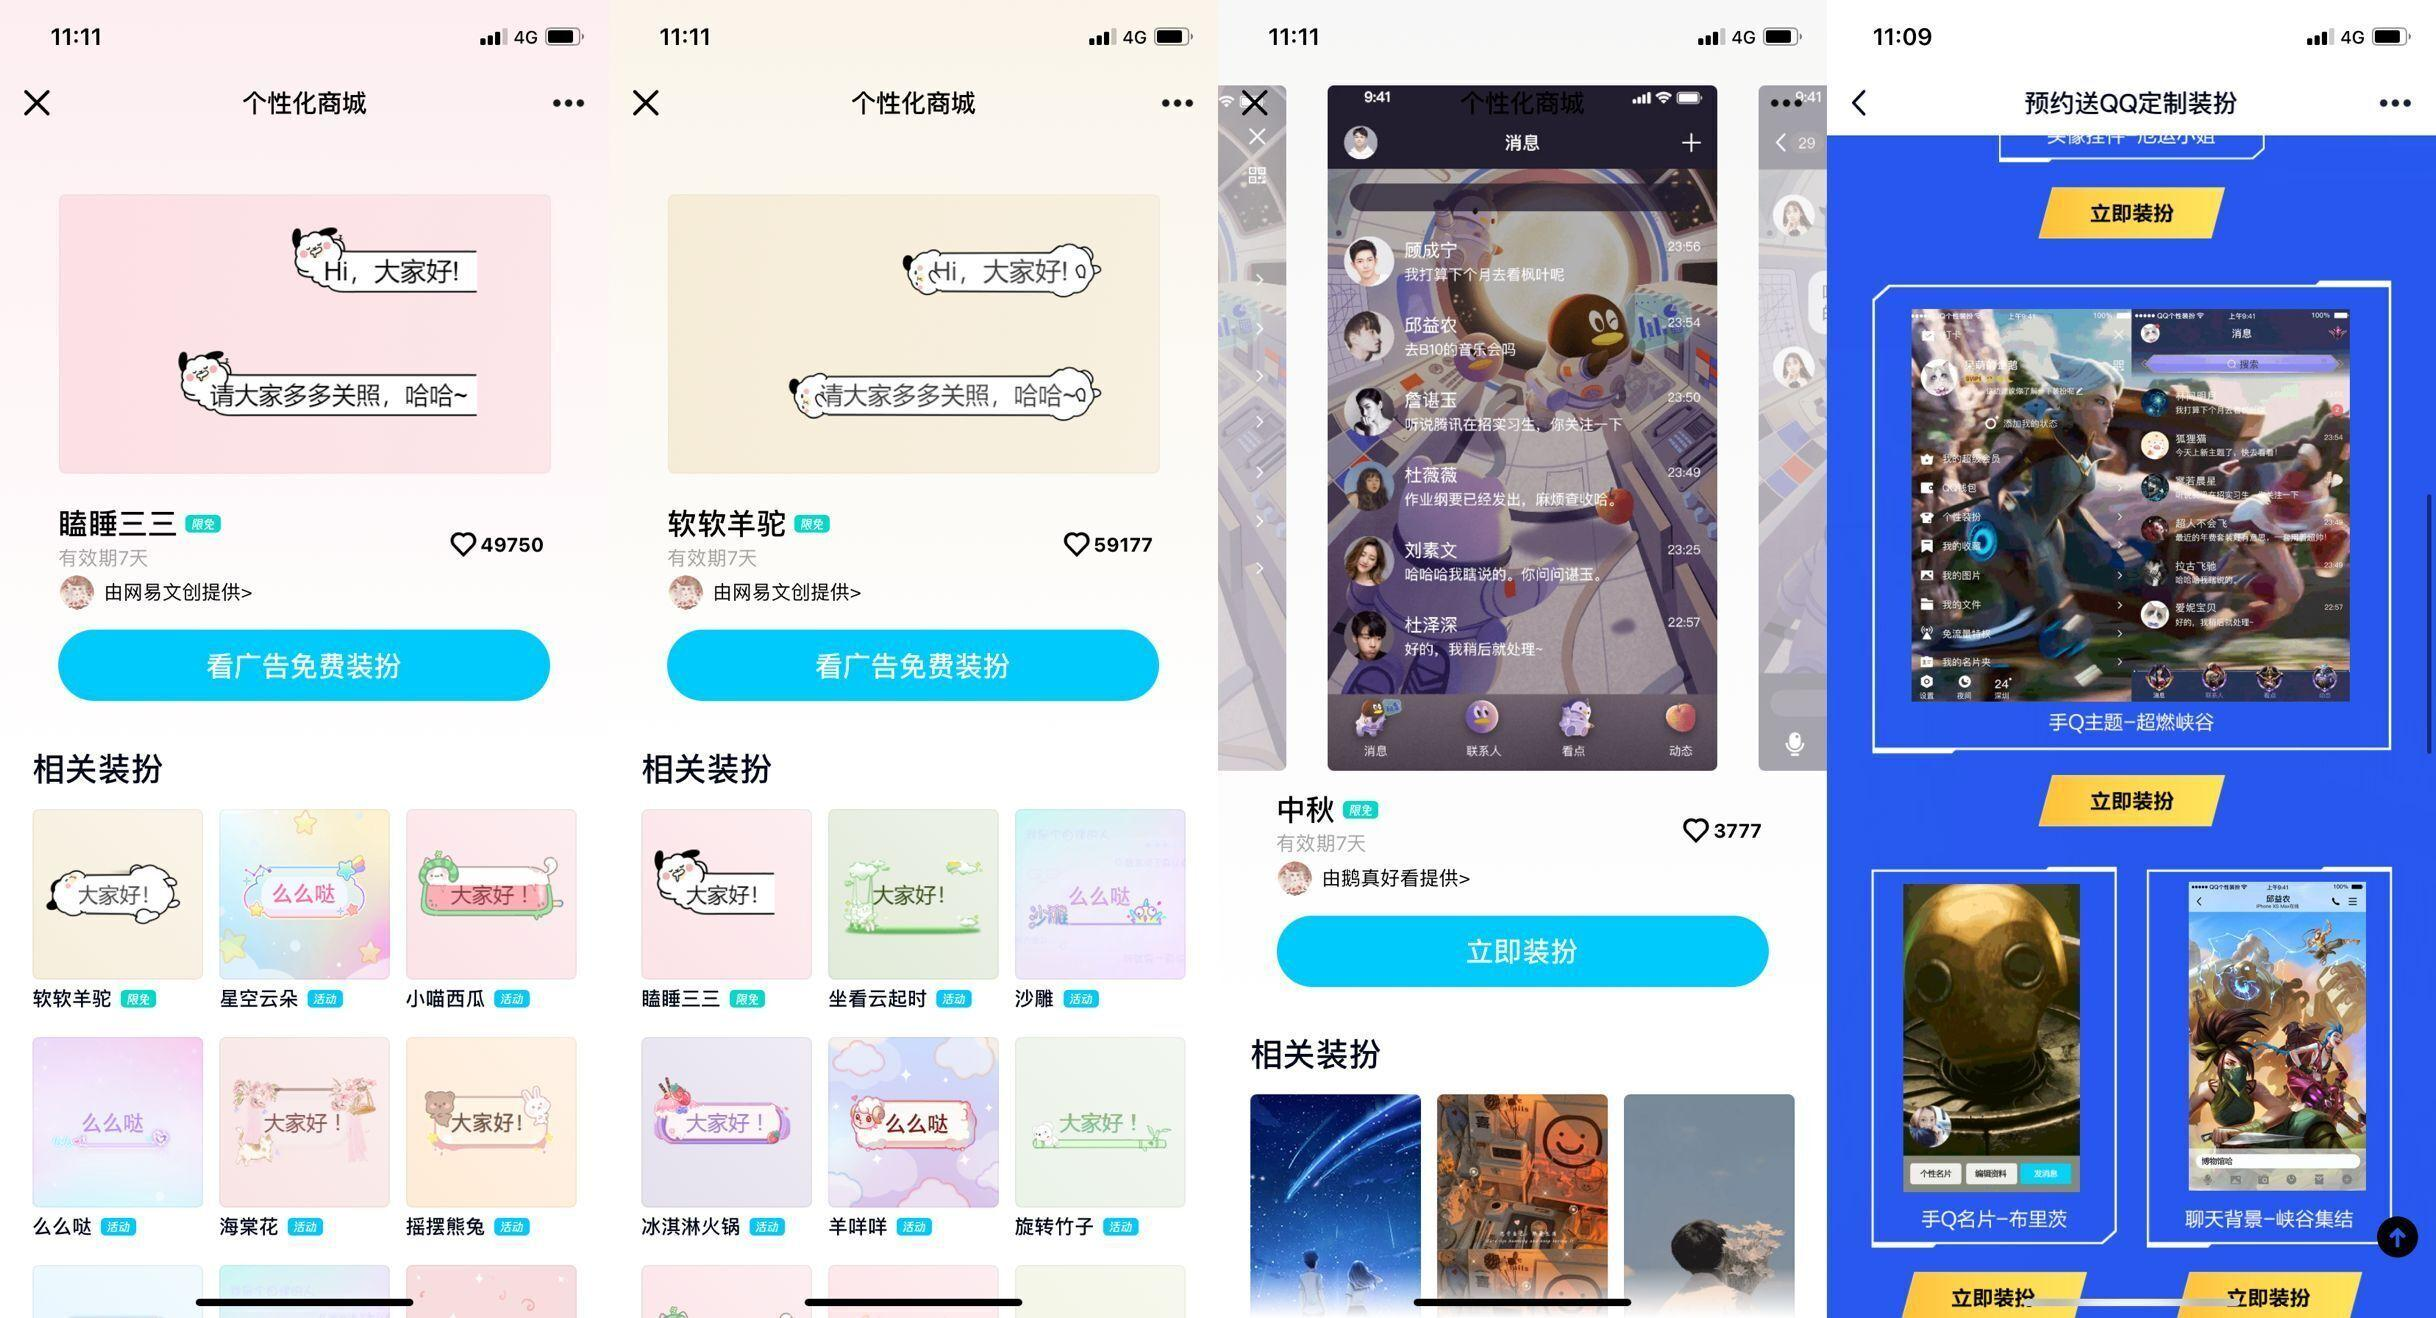 """QQ最新一期免费设置""""瞌睡三三、软软羊驼""""气泡,""""中秋 英雄联盟系列""""主题!"""